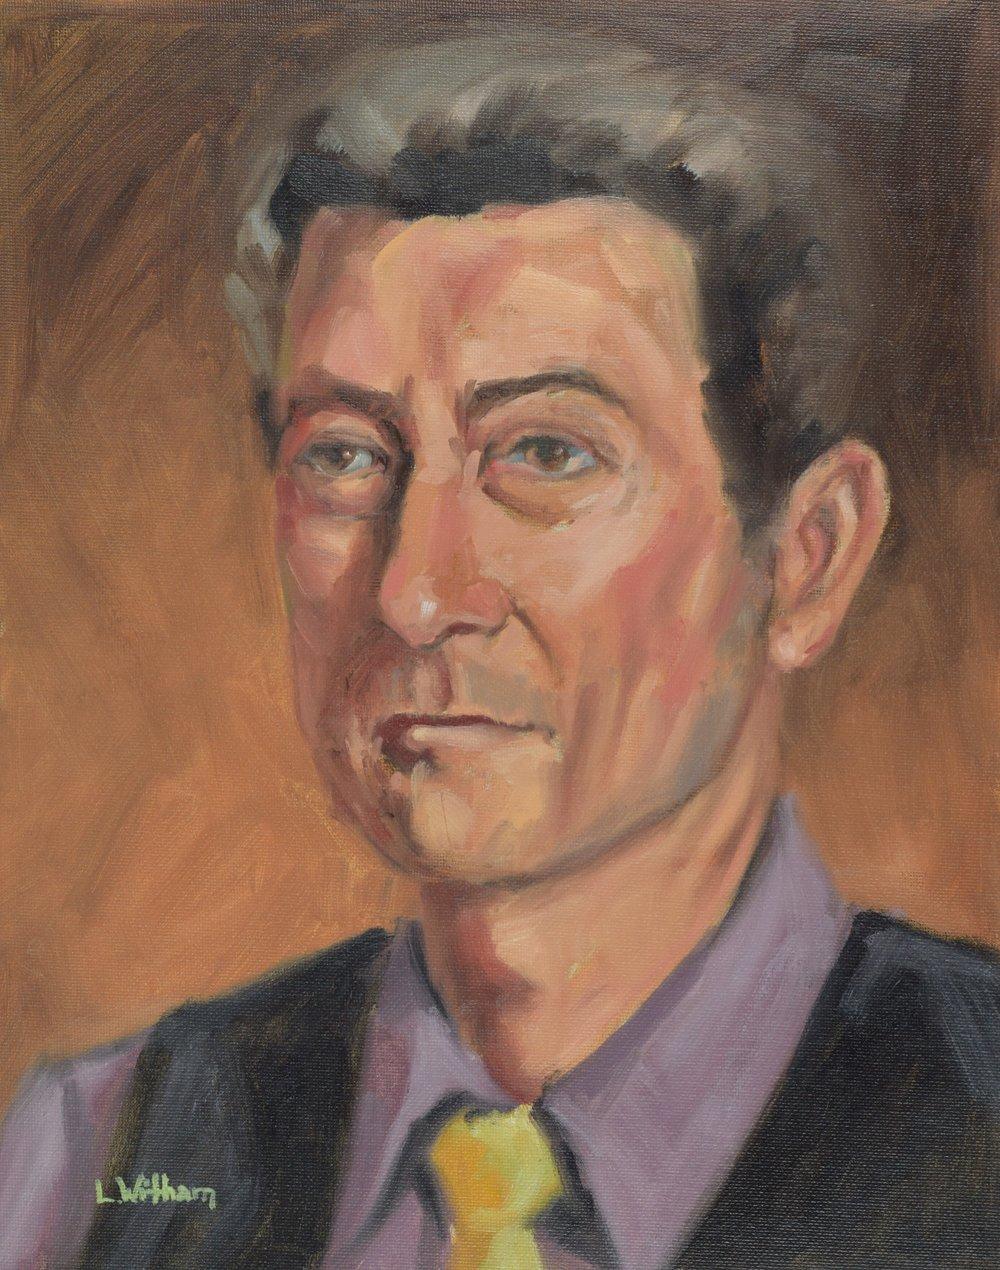 Portrait Session (2016)